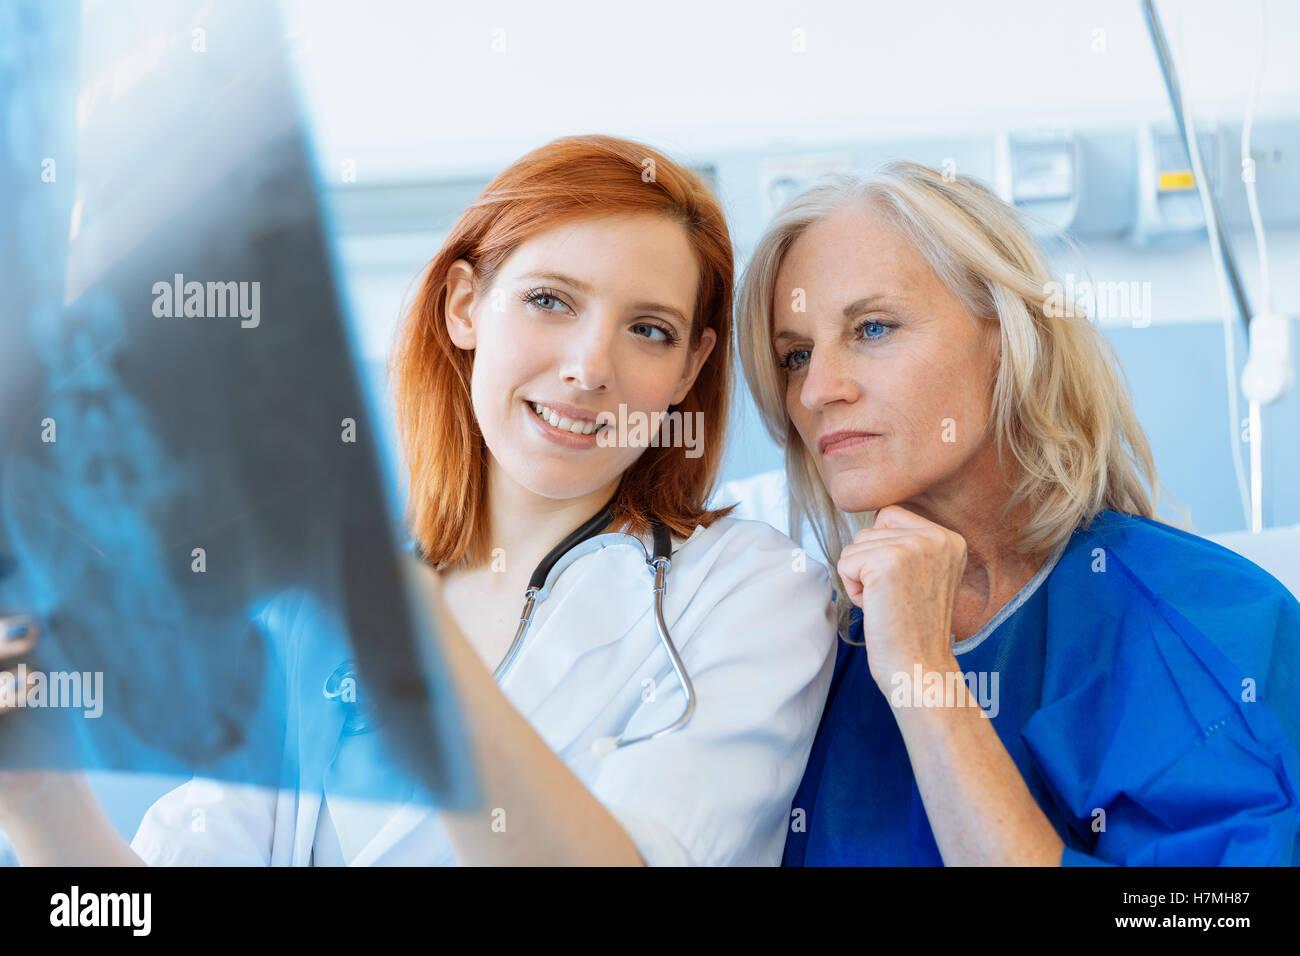 Medico mostrando xray per un senior paziente in ospedale Immagini Stock